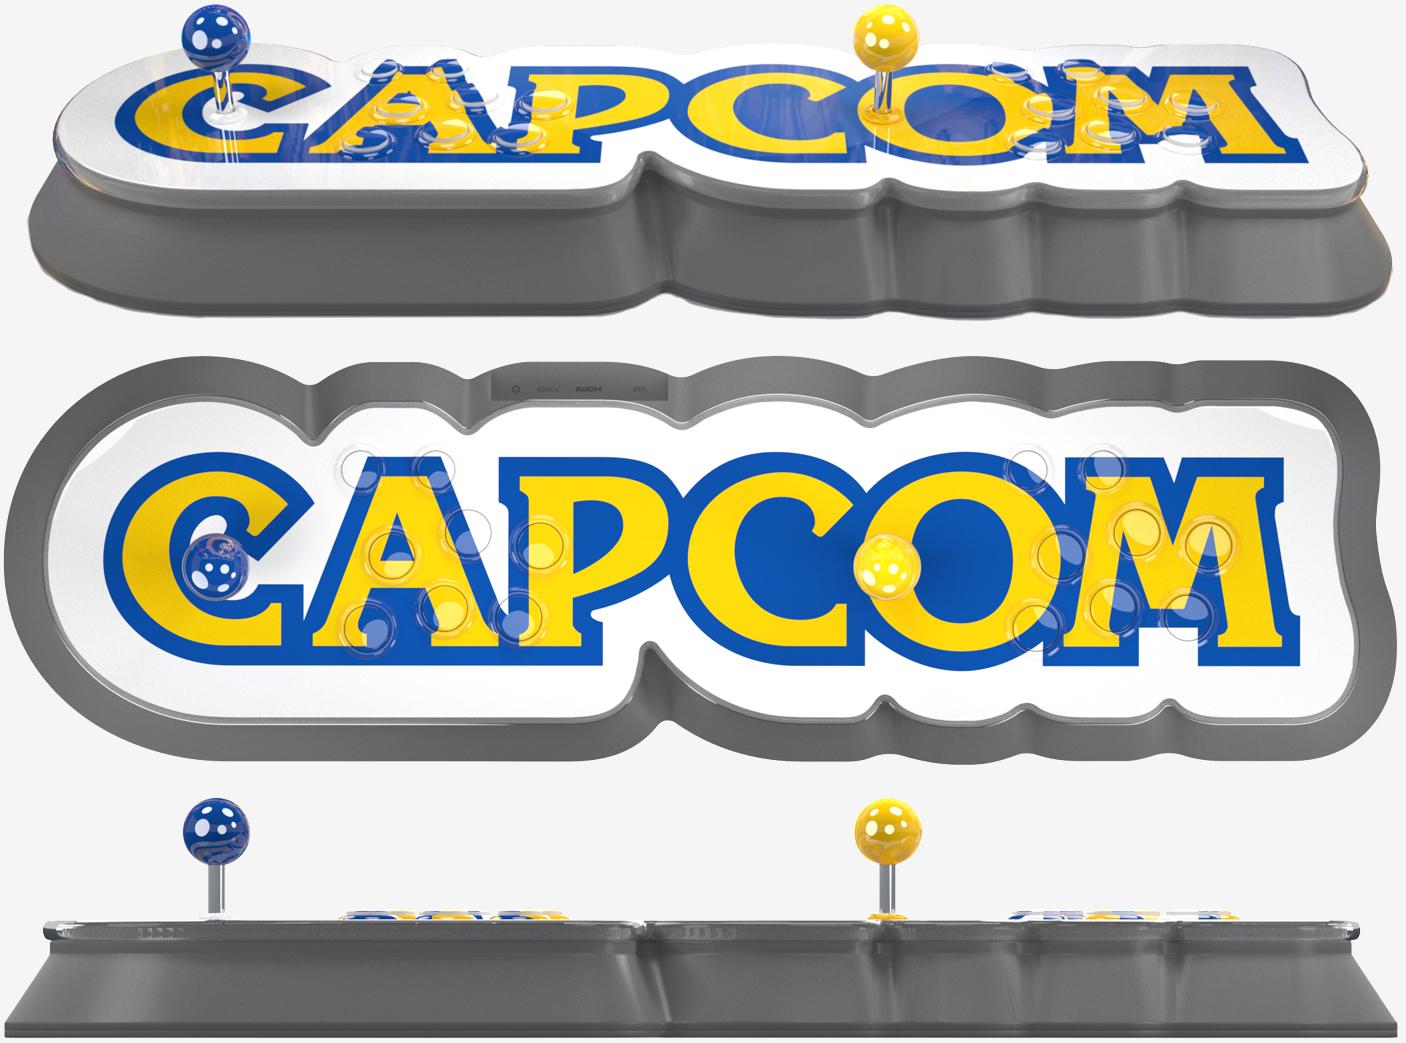 Capcom S Home Arcade Is A Plug And Play Stick With 16 Pre